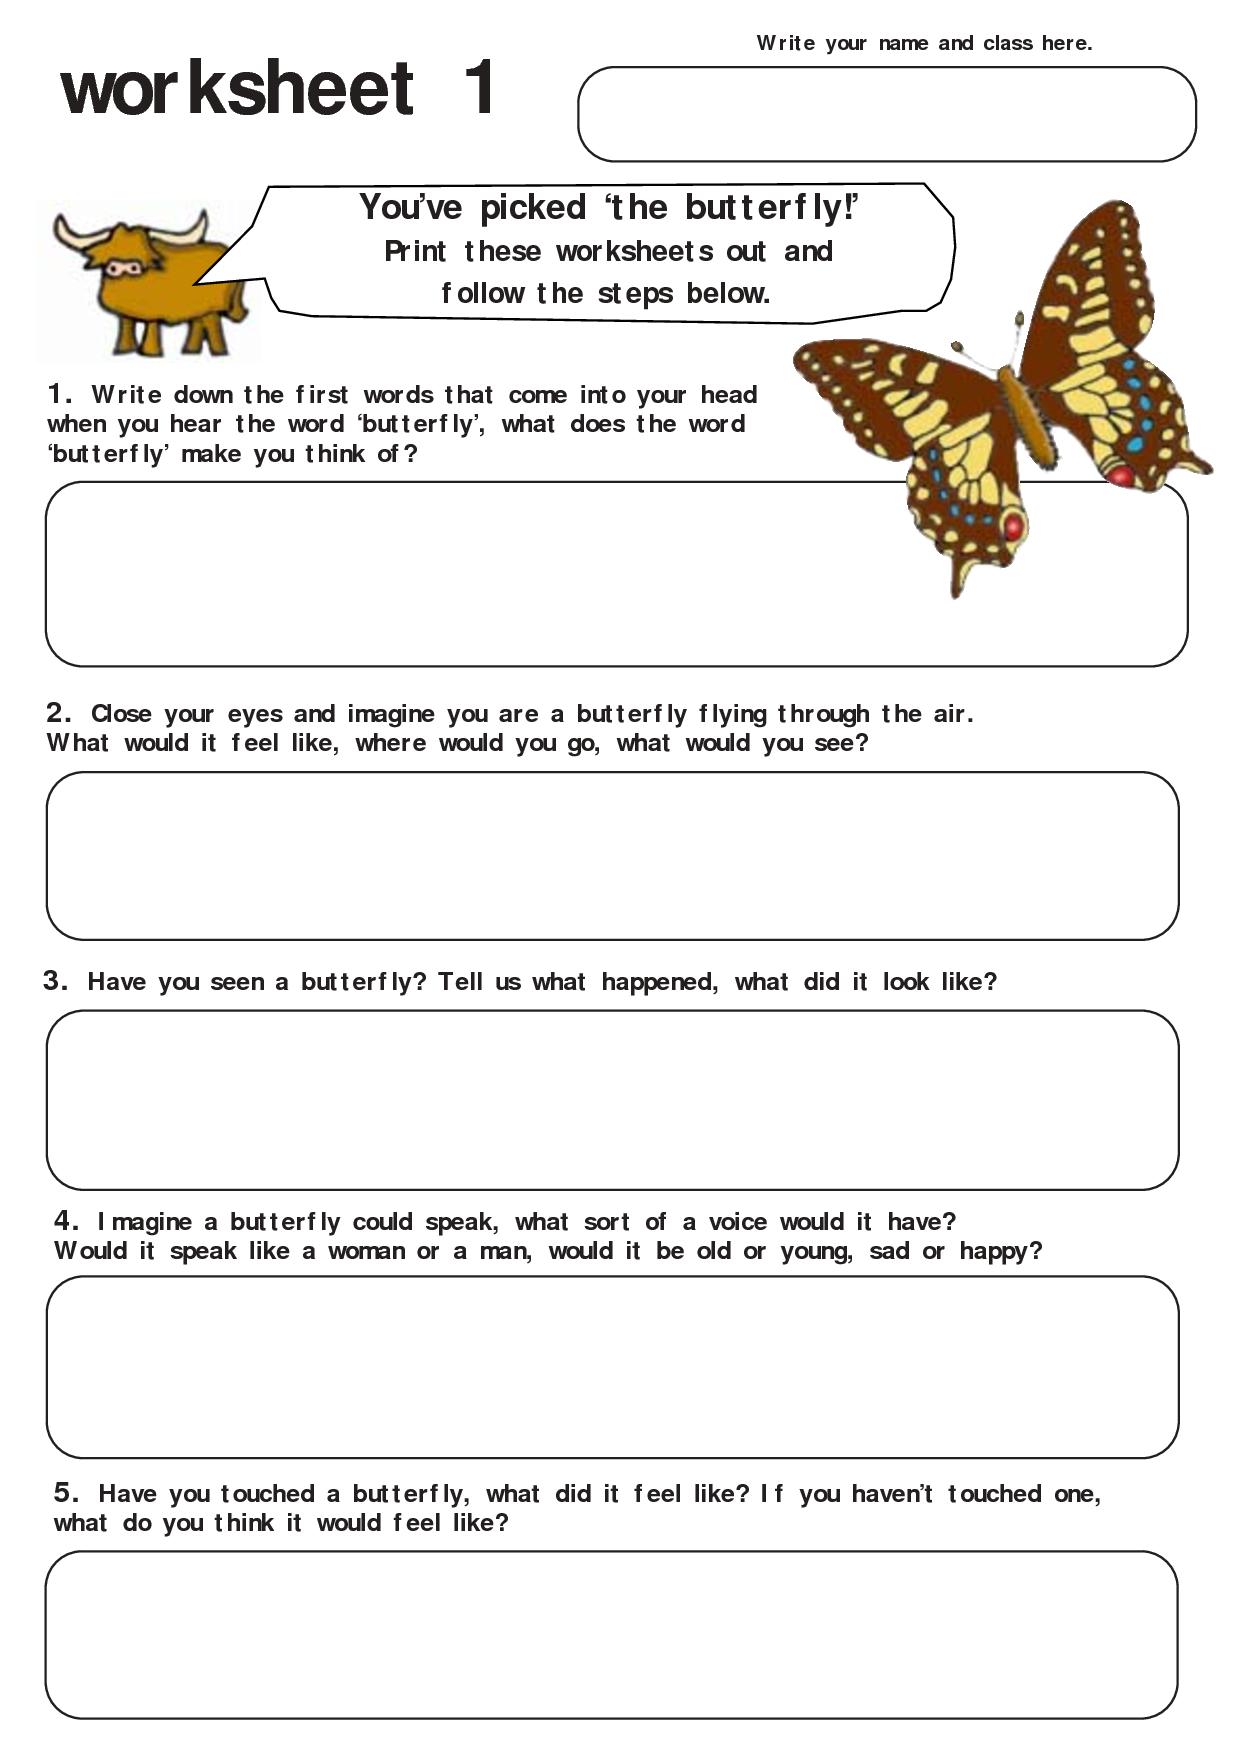 worksheet Butterfly Worksheet butterfly worksheet summer camp pinterest worksheets worksheet